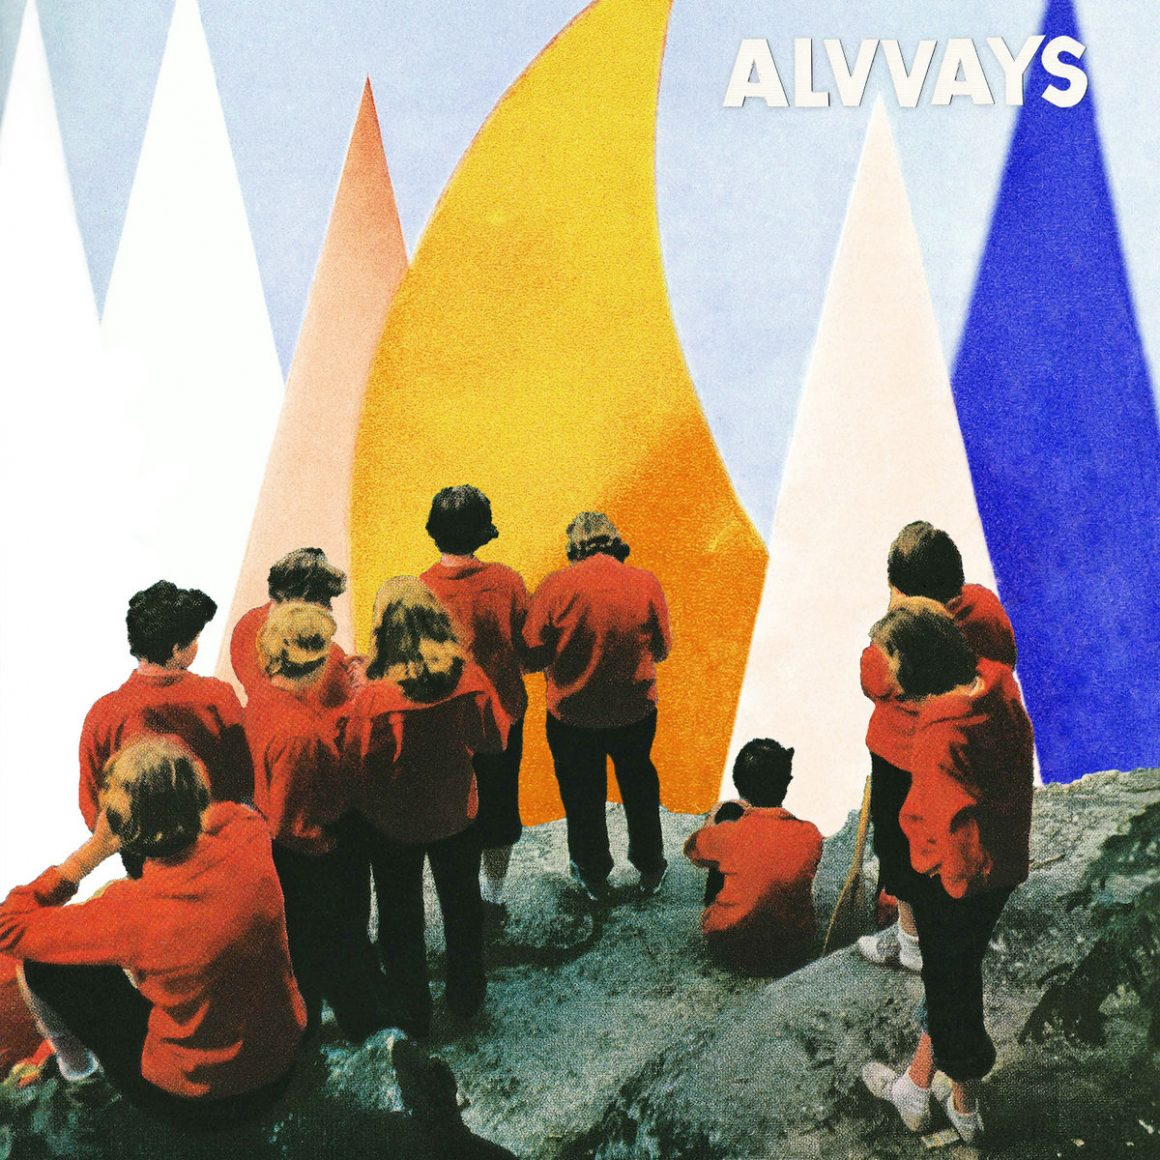 ARTS_Antisocialites_Alvvays